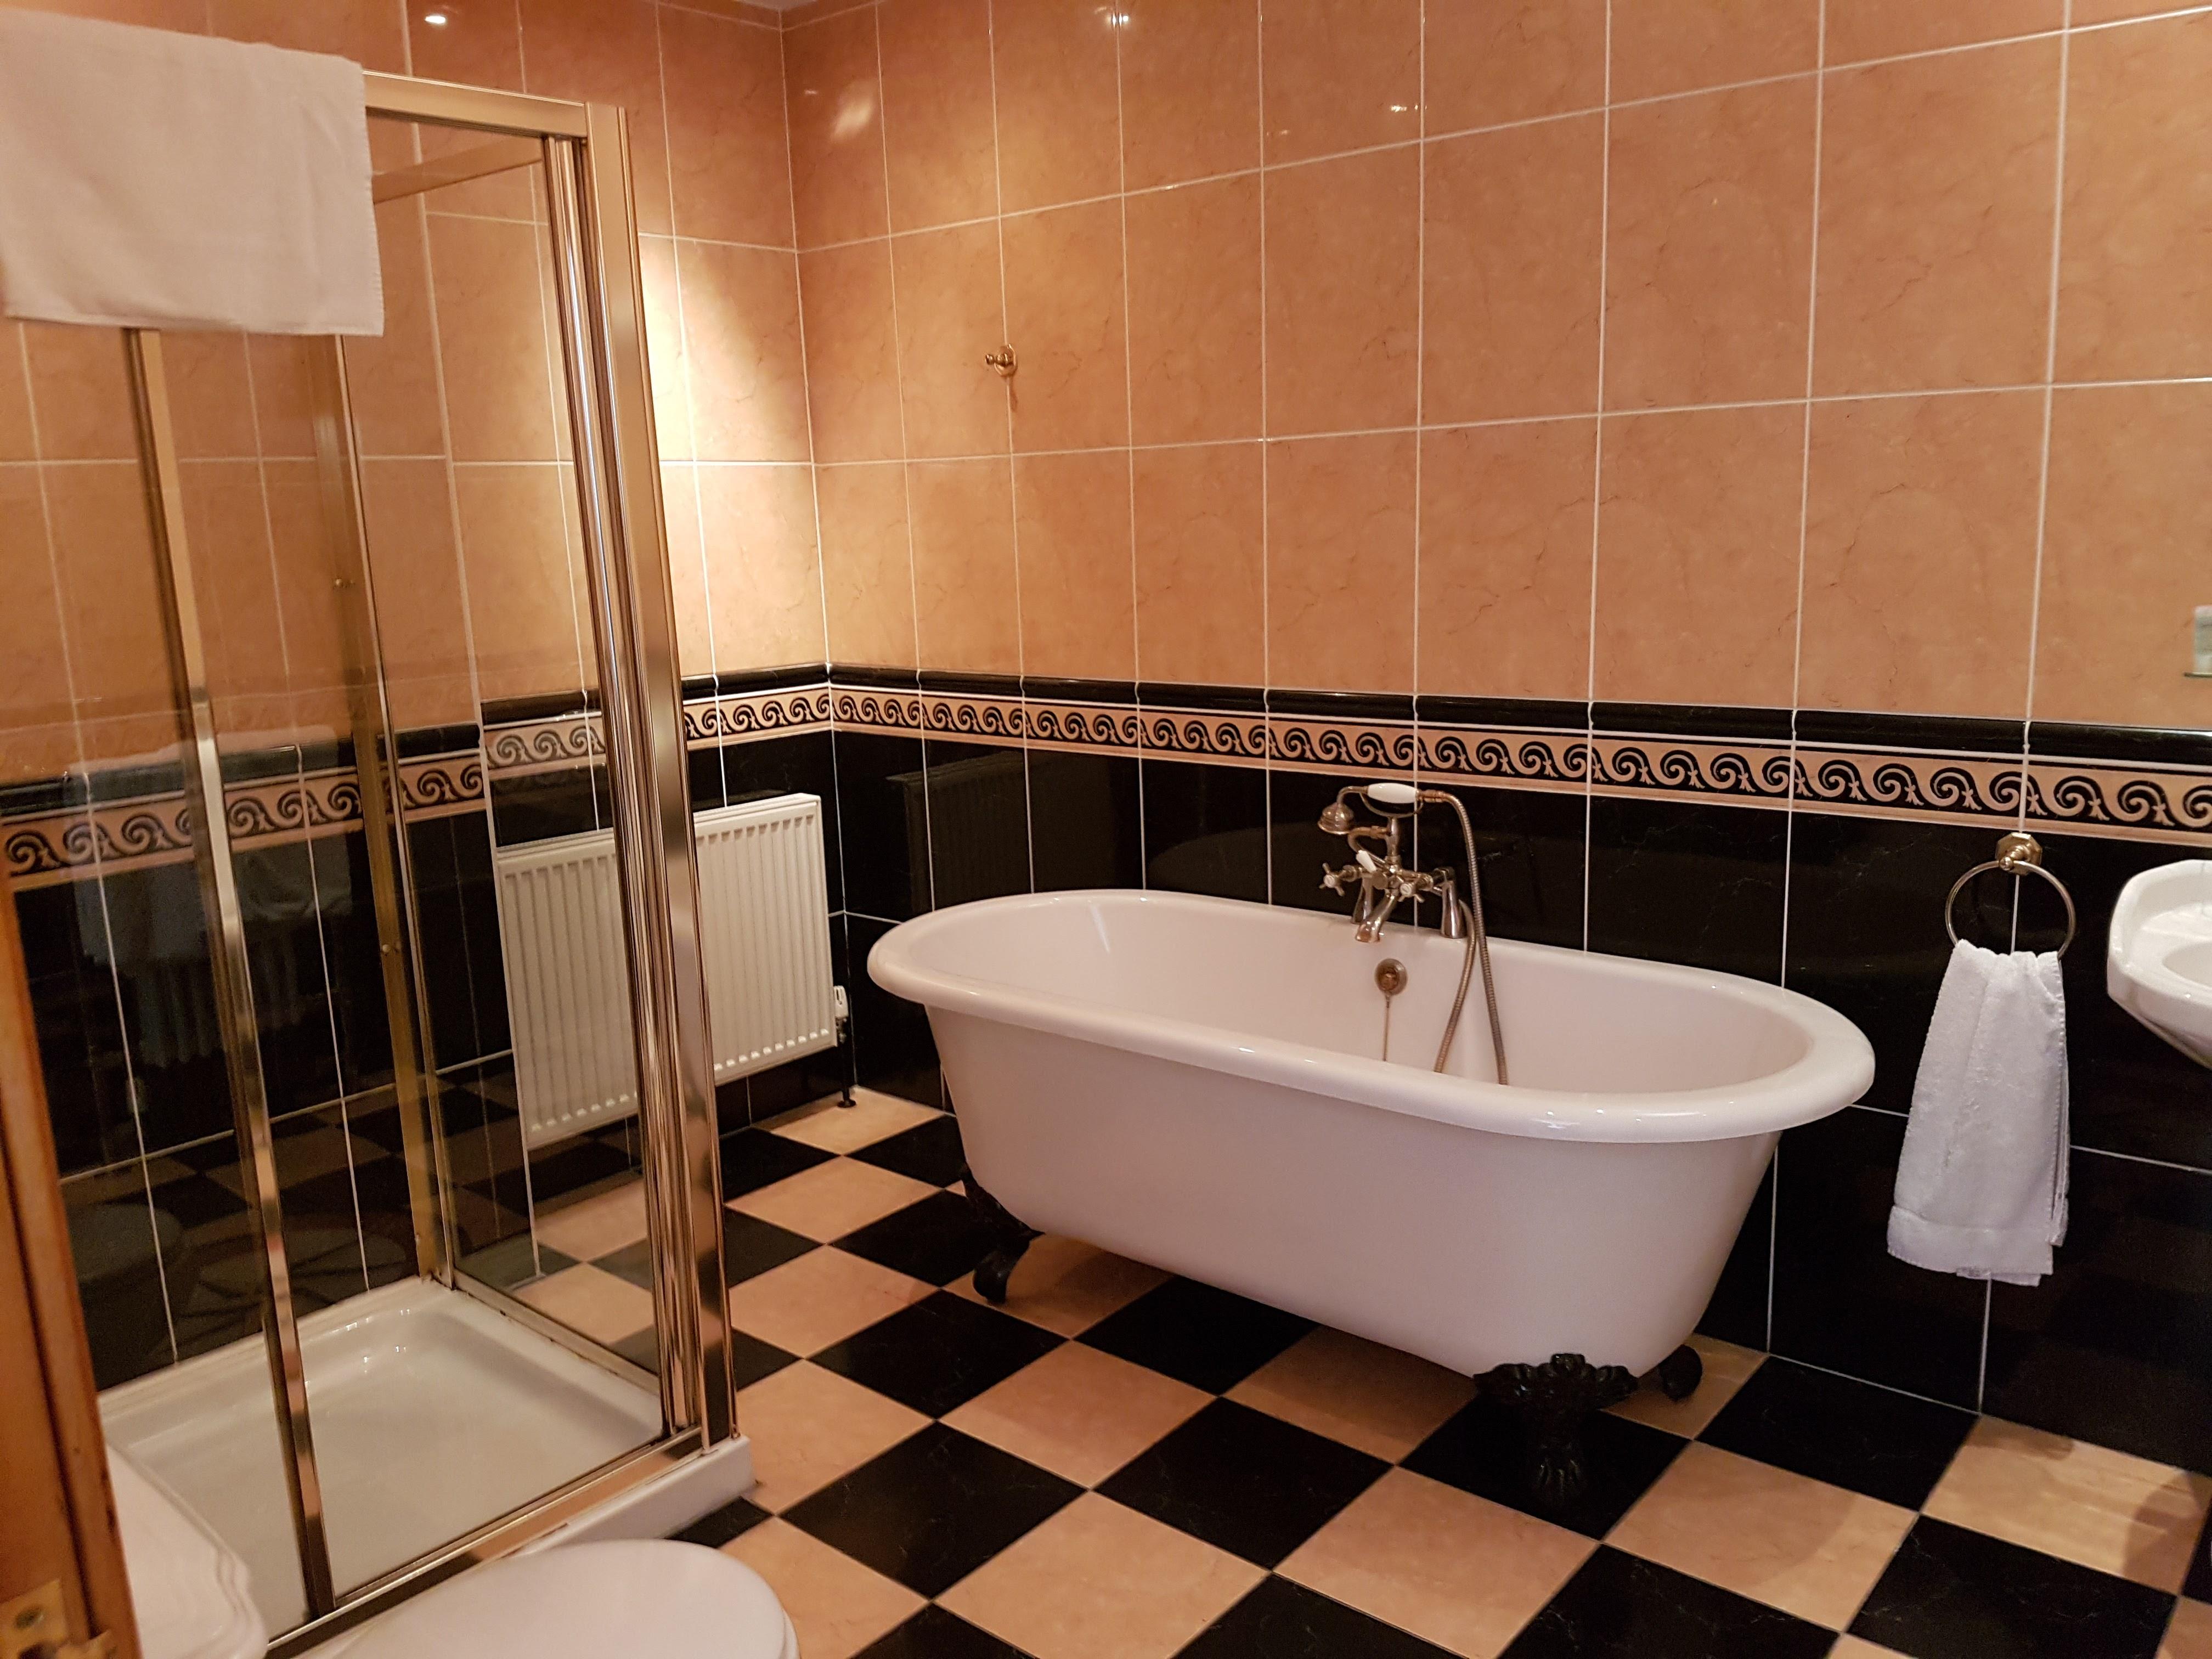 banheira com detalhes em dourado em um banheiro de um castelo no país de gales. Taolhas penduradas, chão xadrez e paredes de azulejo vitorianas.